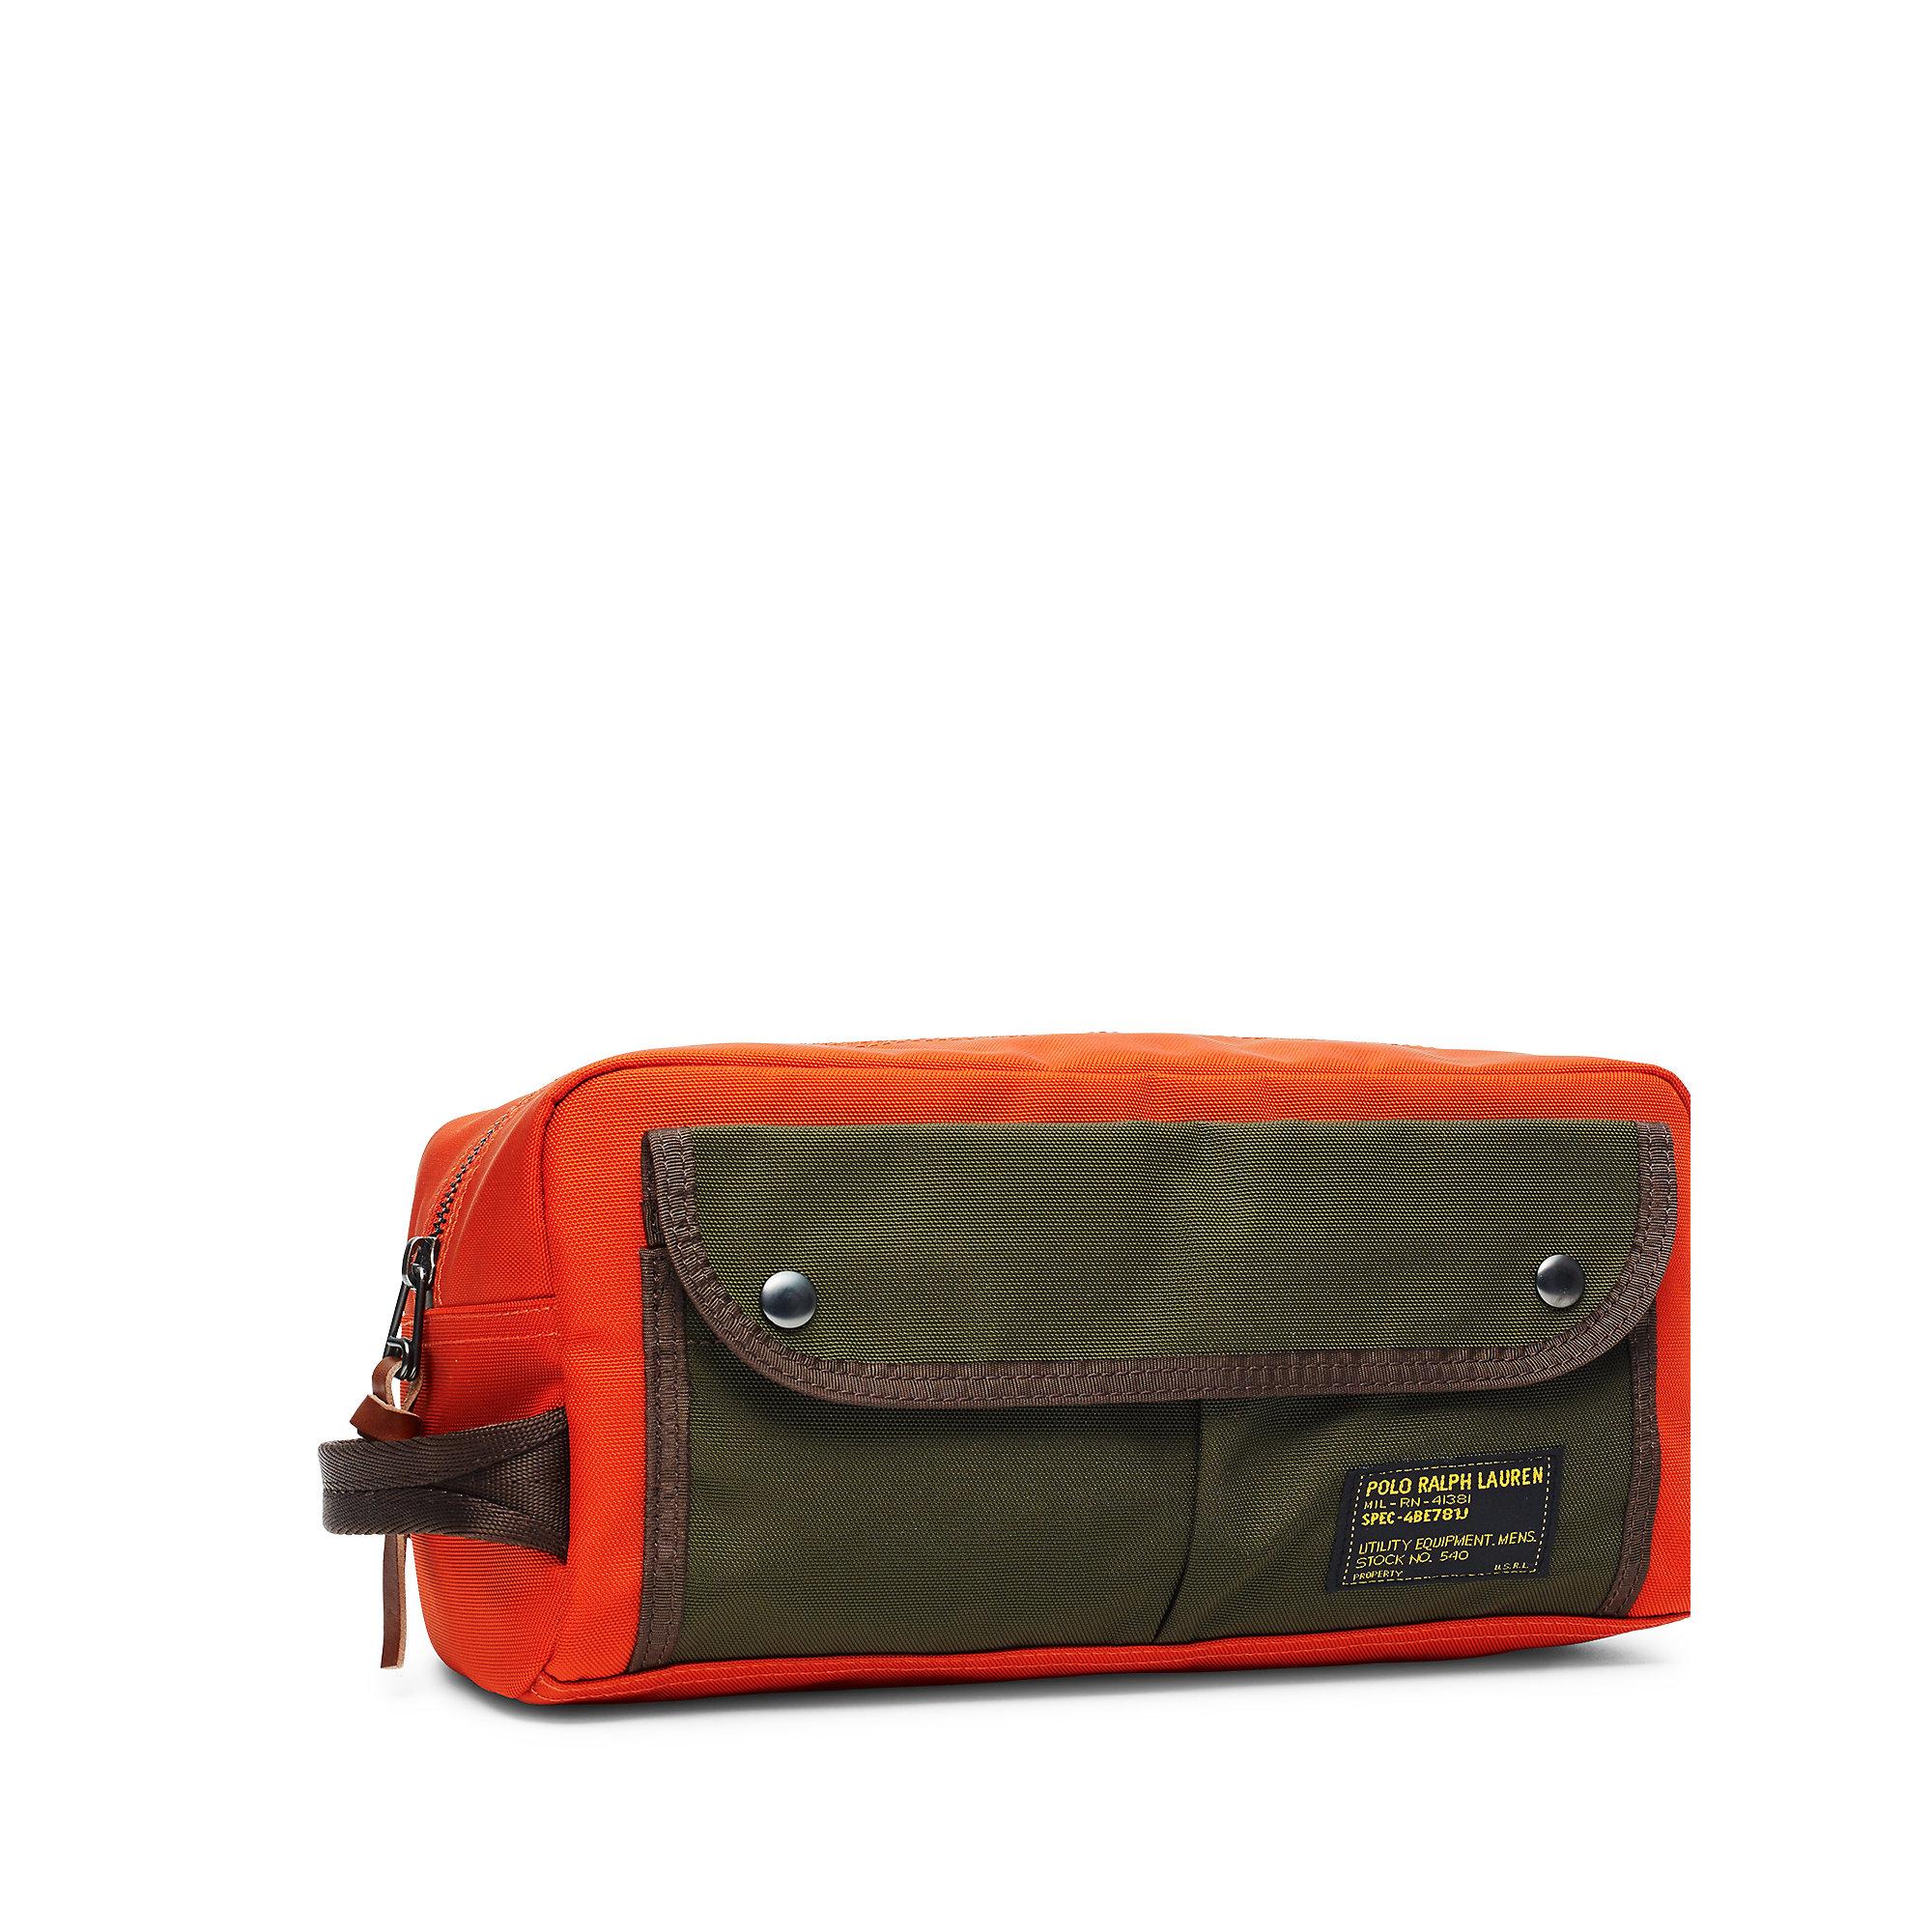 f29a7920411a Lyst - Polo Ralph Lauren Nylon Shaving Kit in Orange for Men